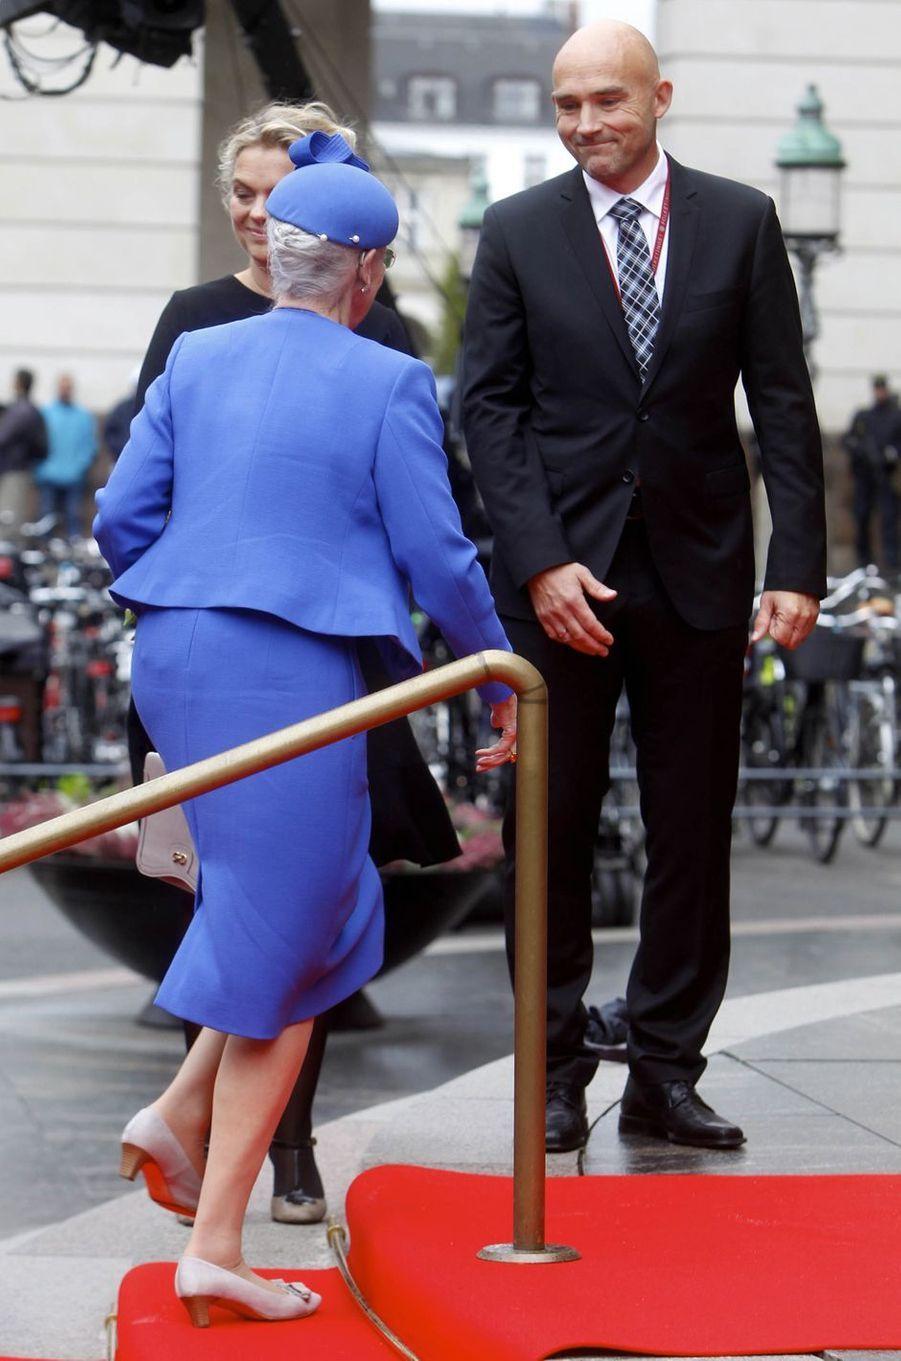 La reine Margrethe II de Danemark à Copenhague, le 2 octobre 2018